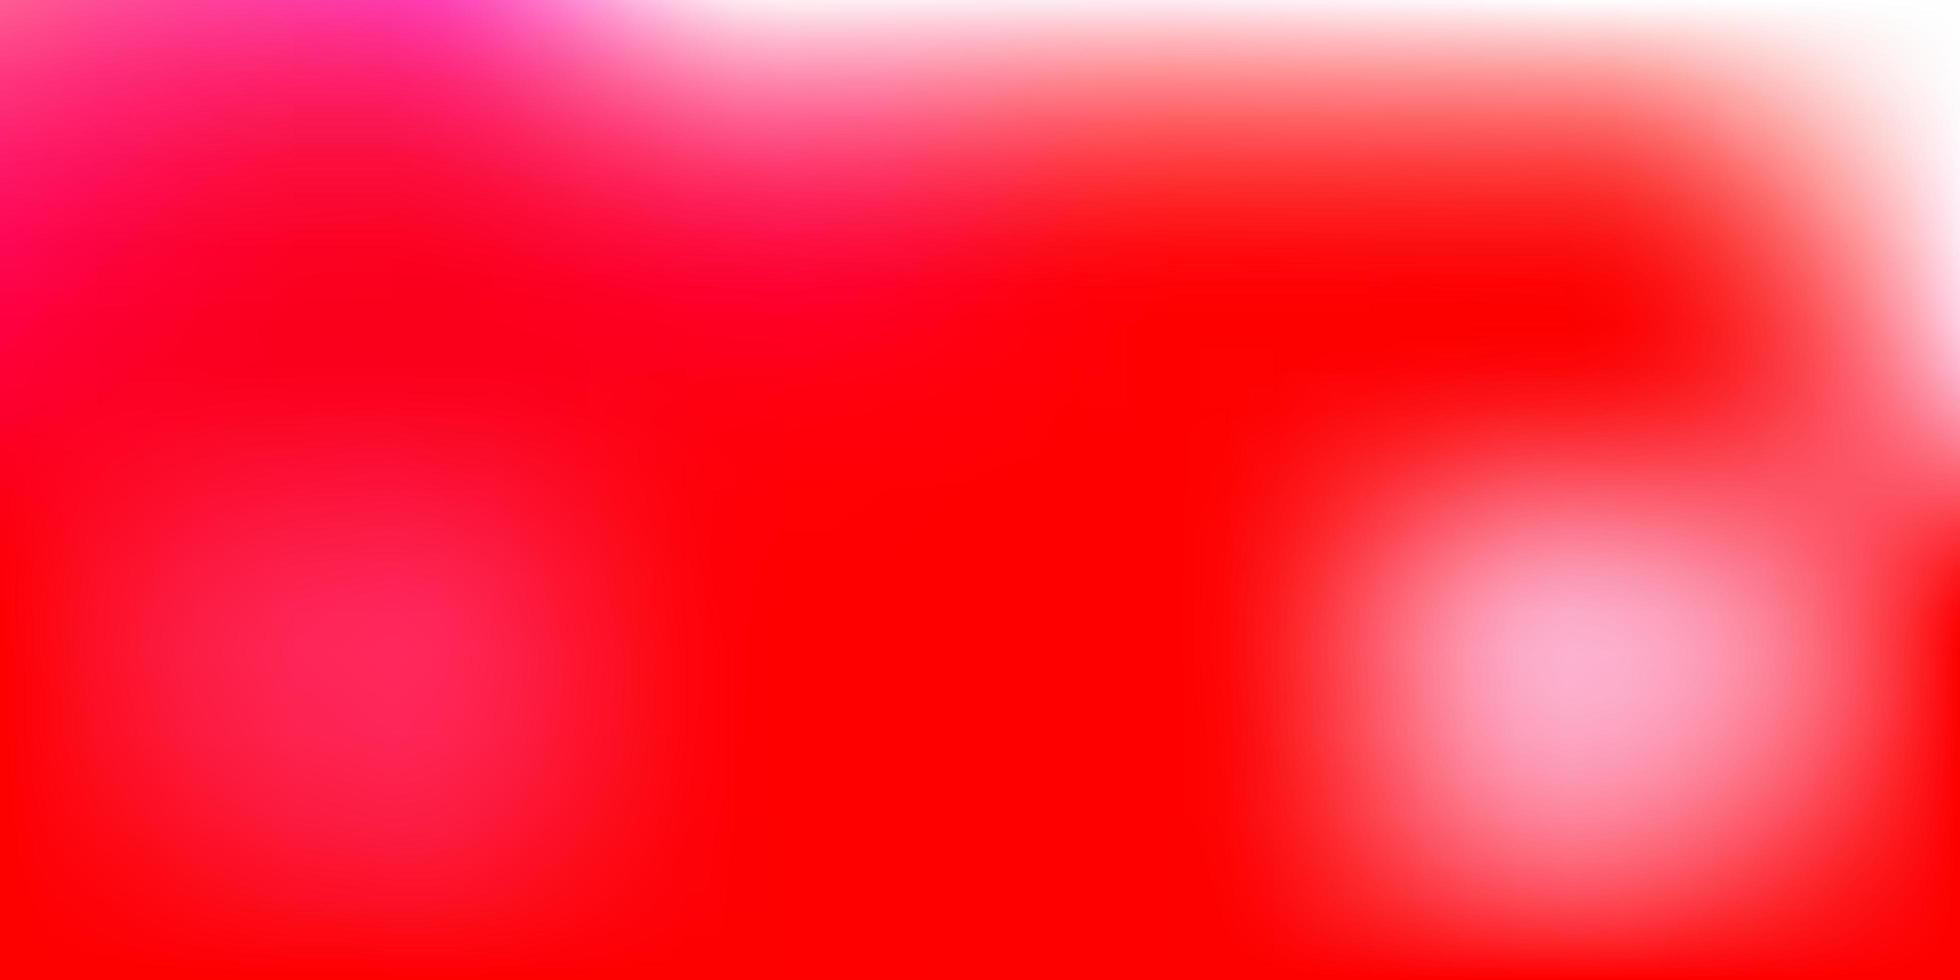 hellrotes Vektorverlaufsunschärfe-Layout. vektor